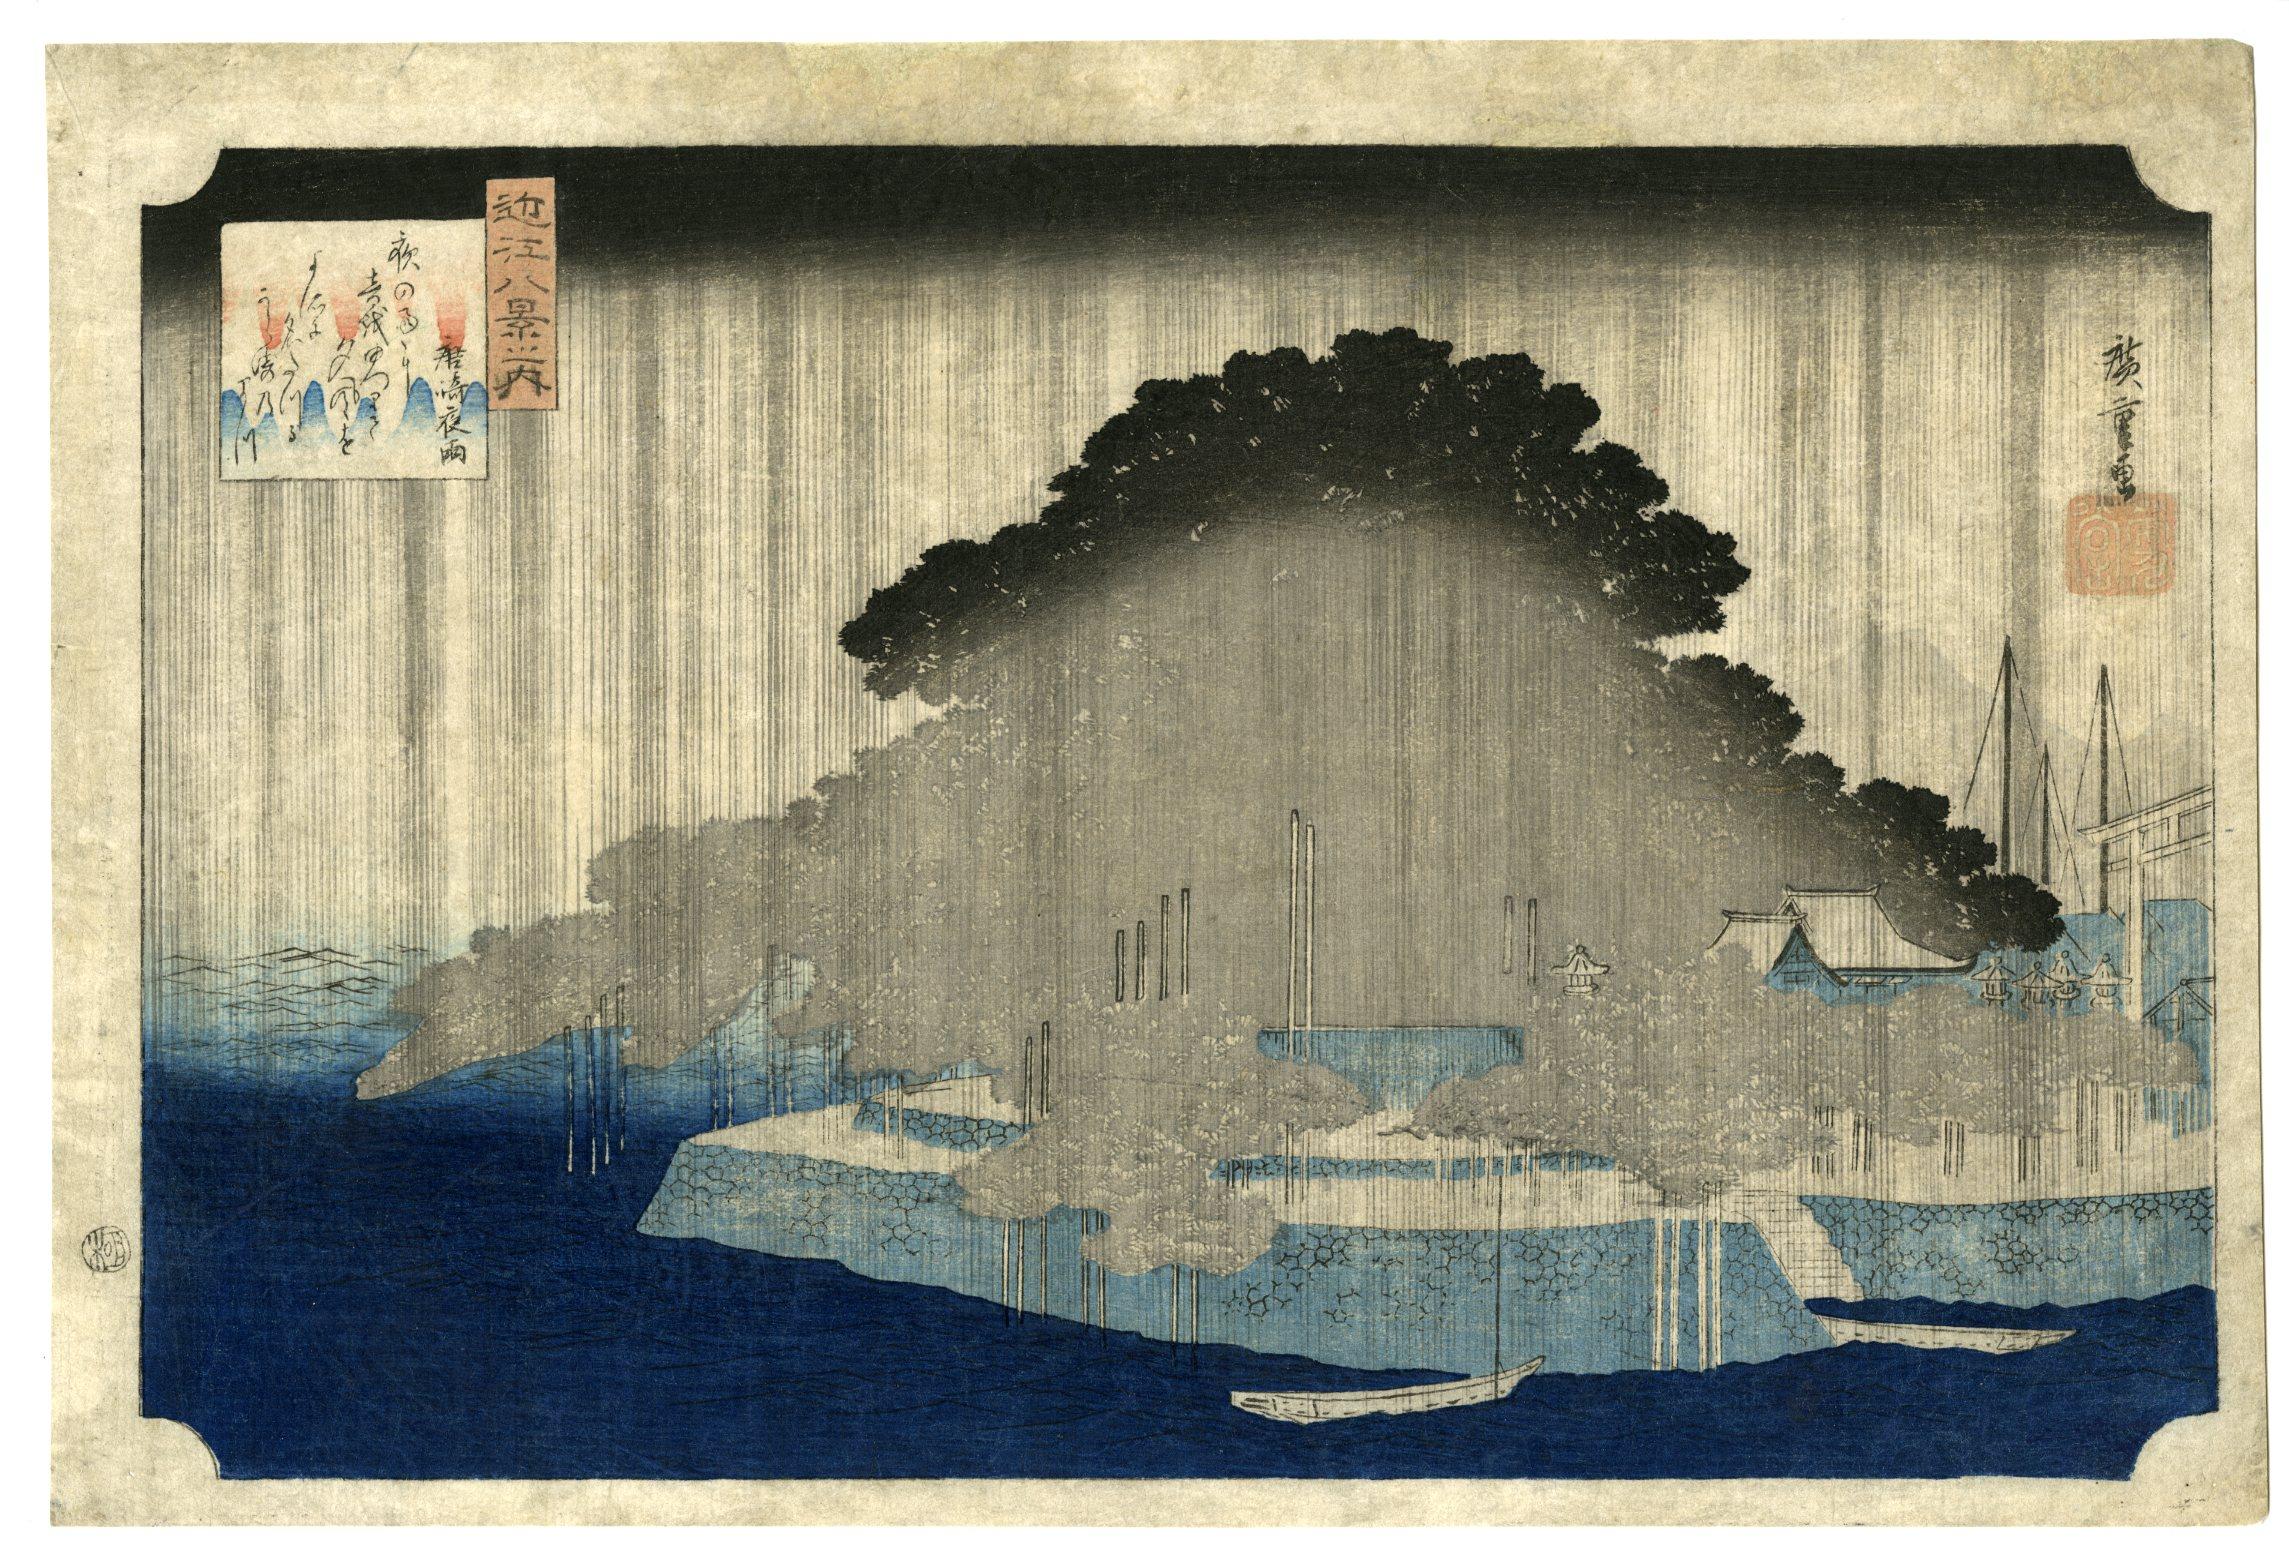 広重「近江八景之内 唐崎夜雨」